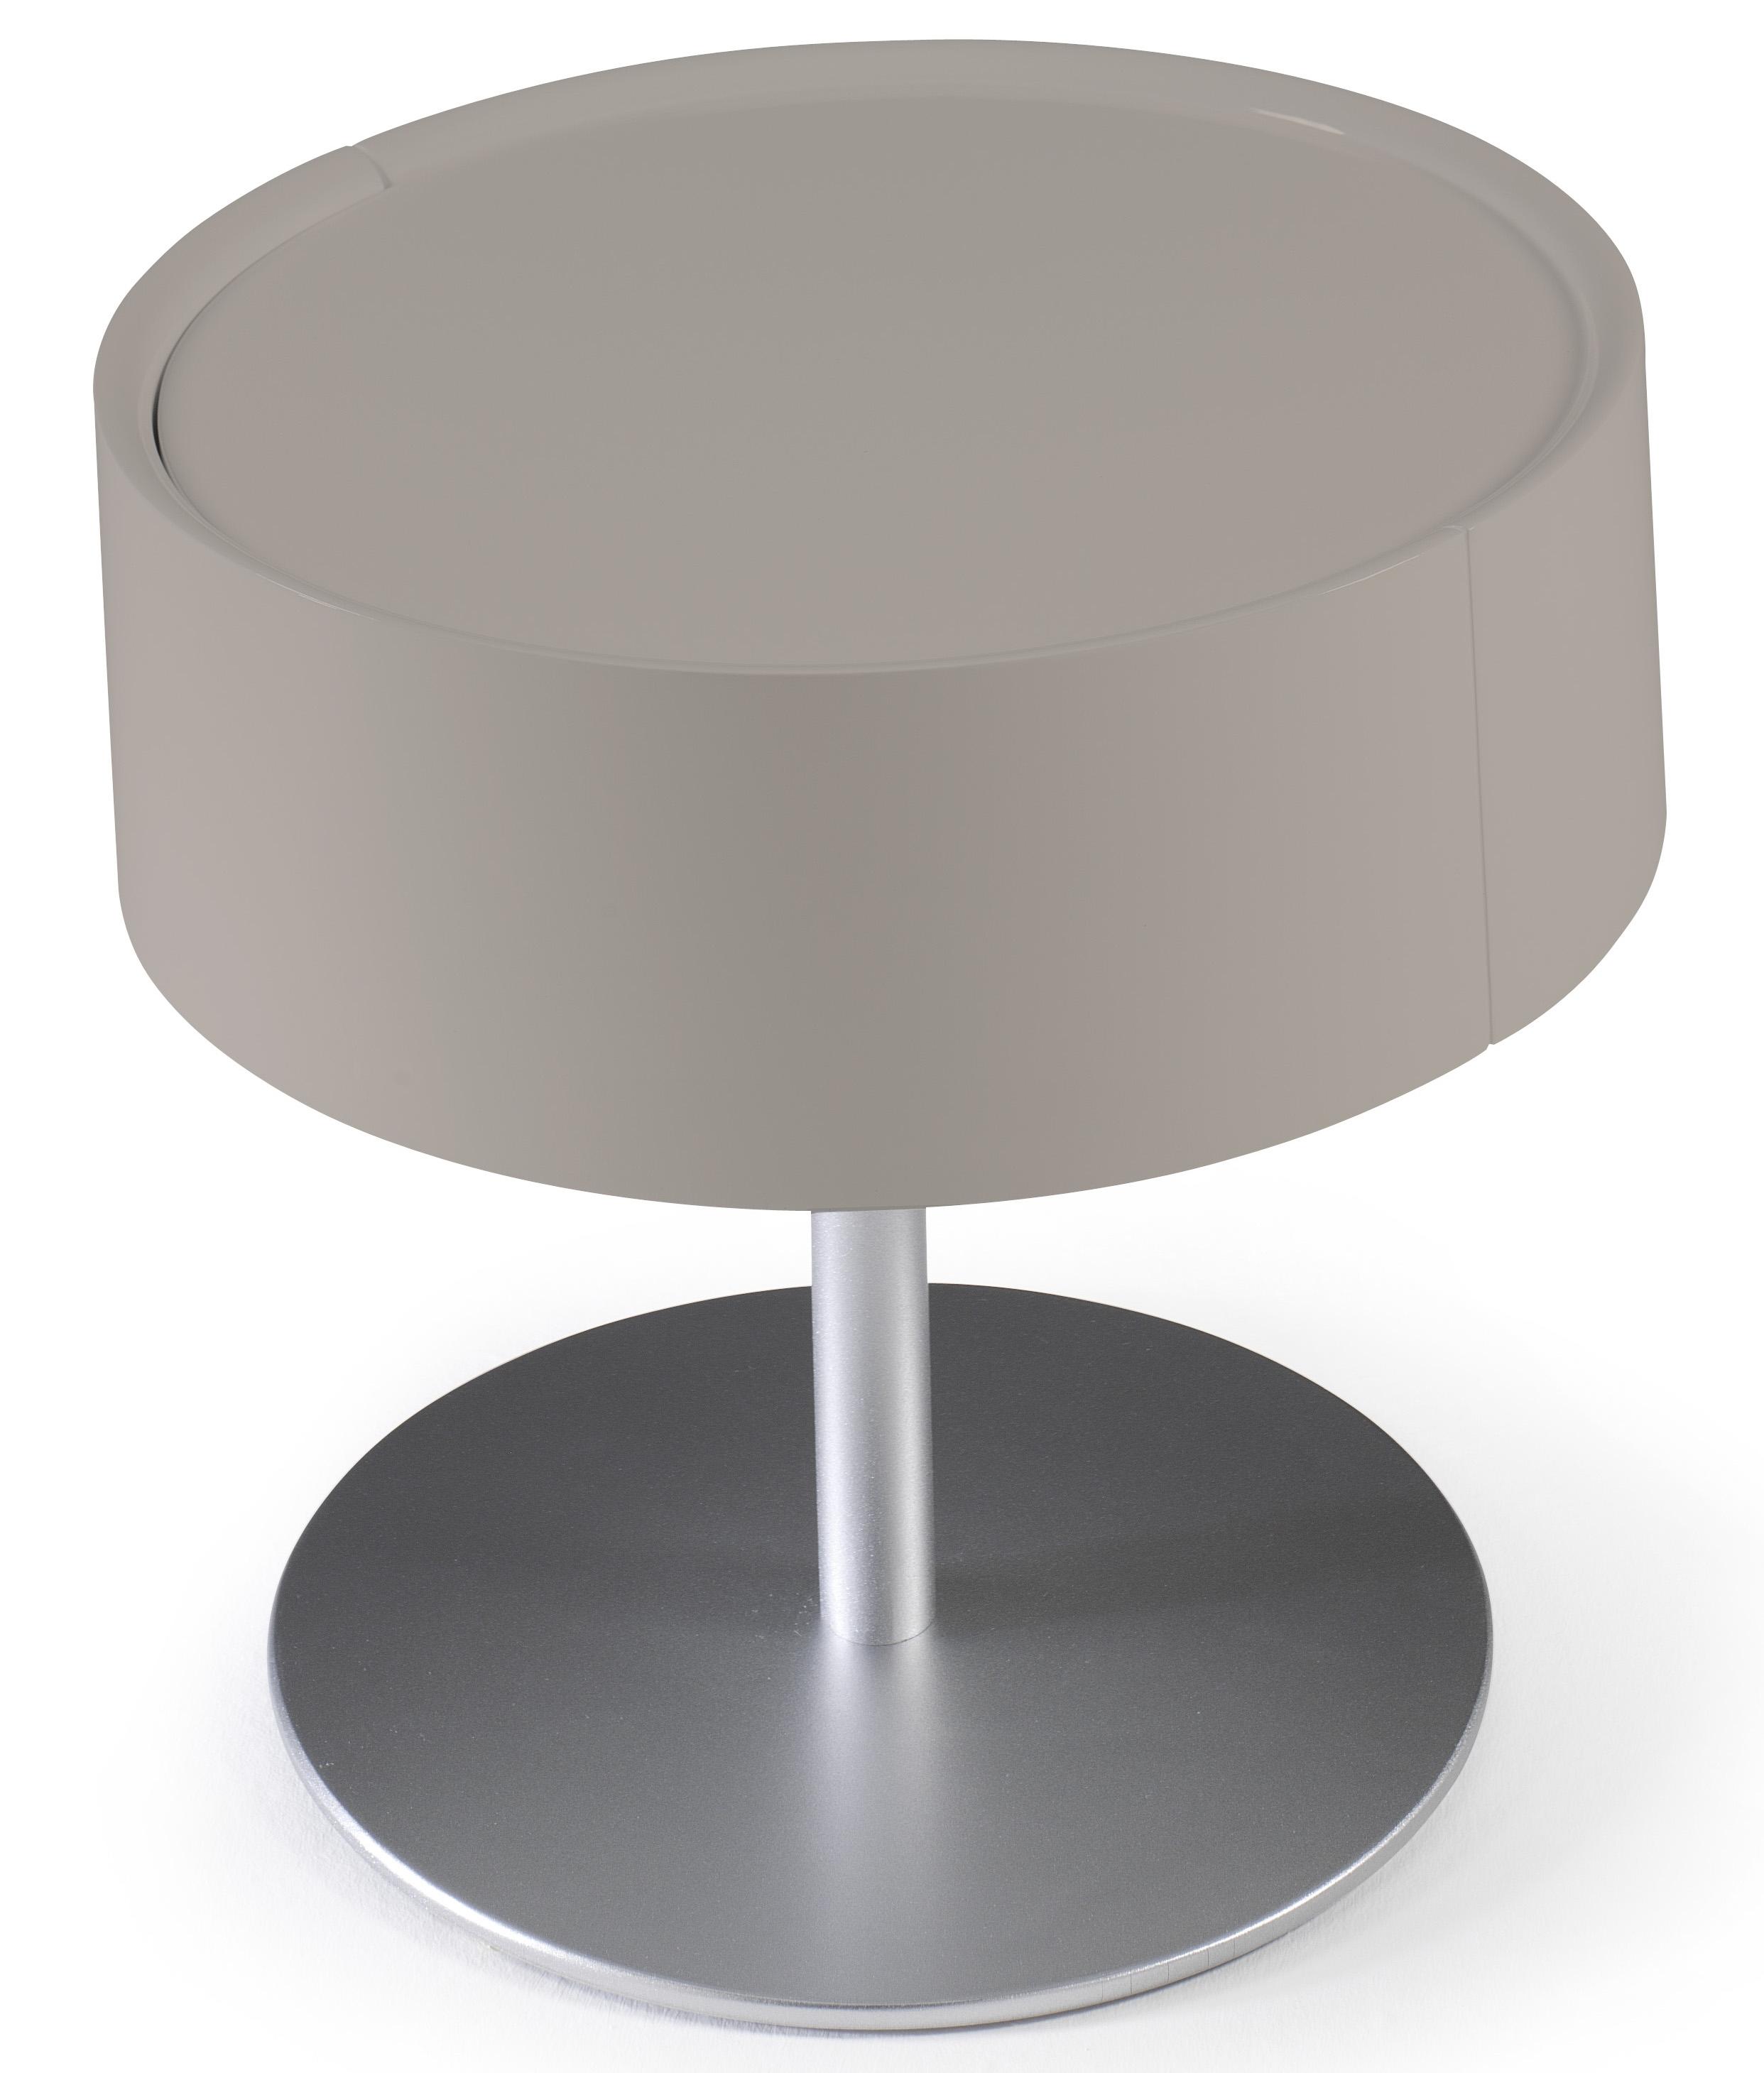 Table de chevet design taupe laqu torsada - Table de chevet taupe ...